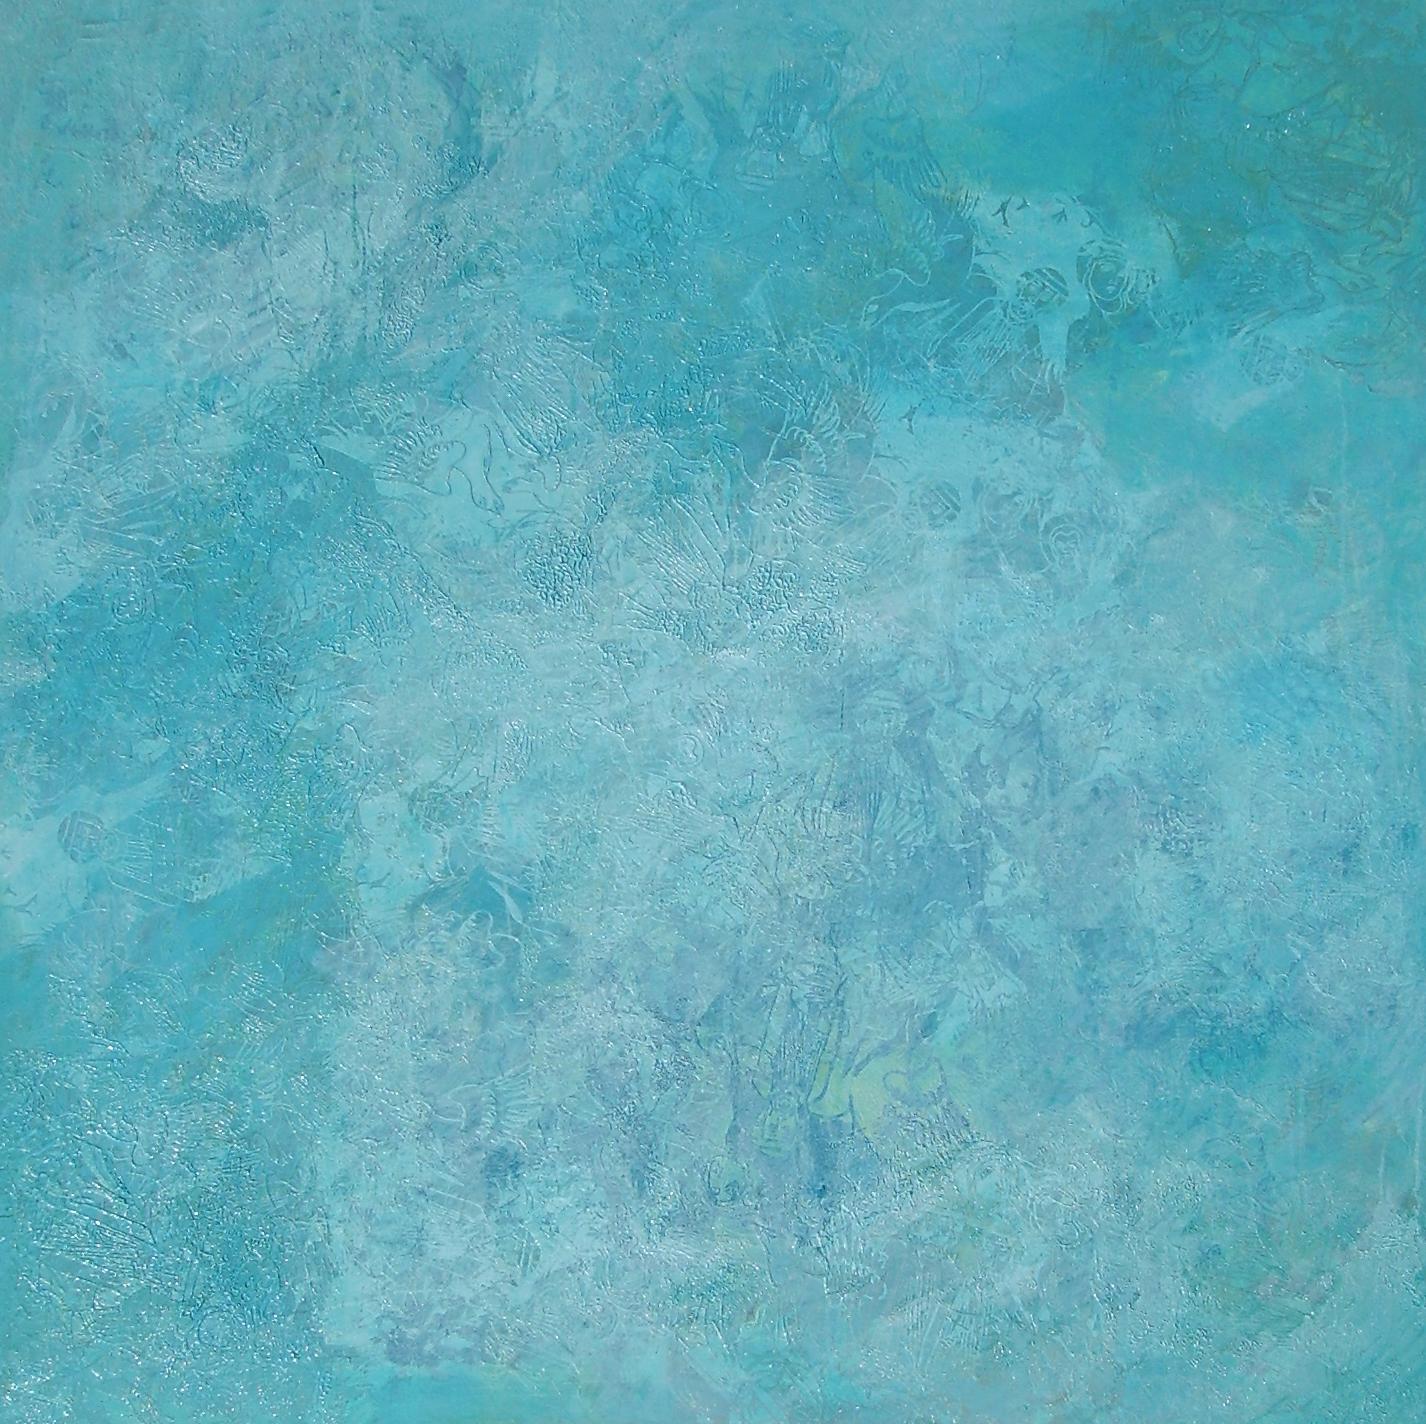 """""""Für Yves Klein"""", 2010, 150 x 150 m, Öl auf Leinwand, Besitz: Sammlung der Lzo """"Im Norden"""""""